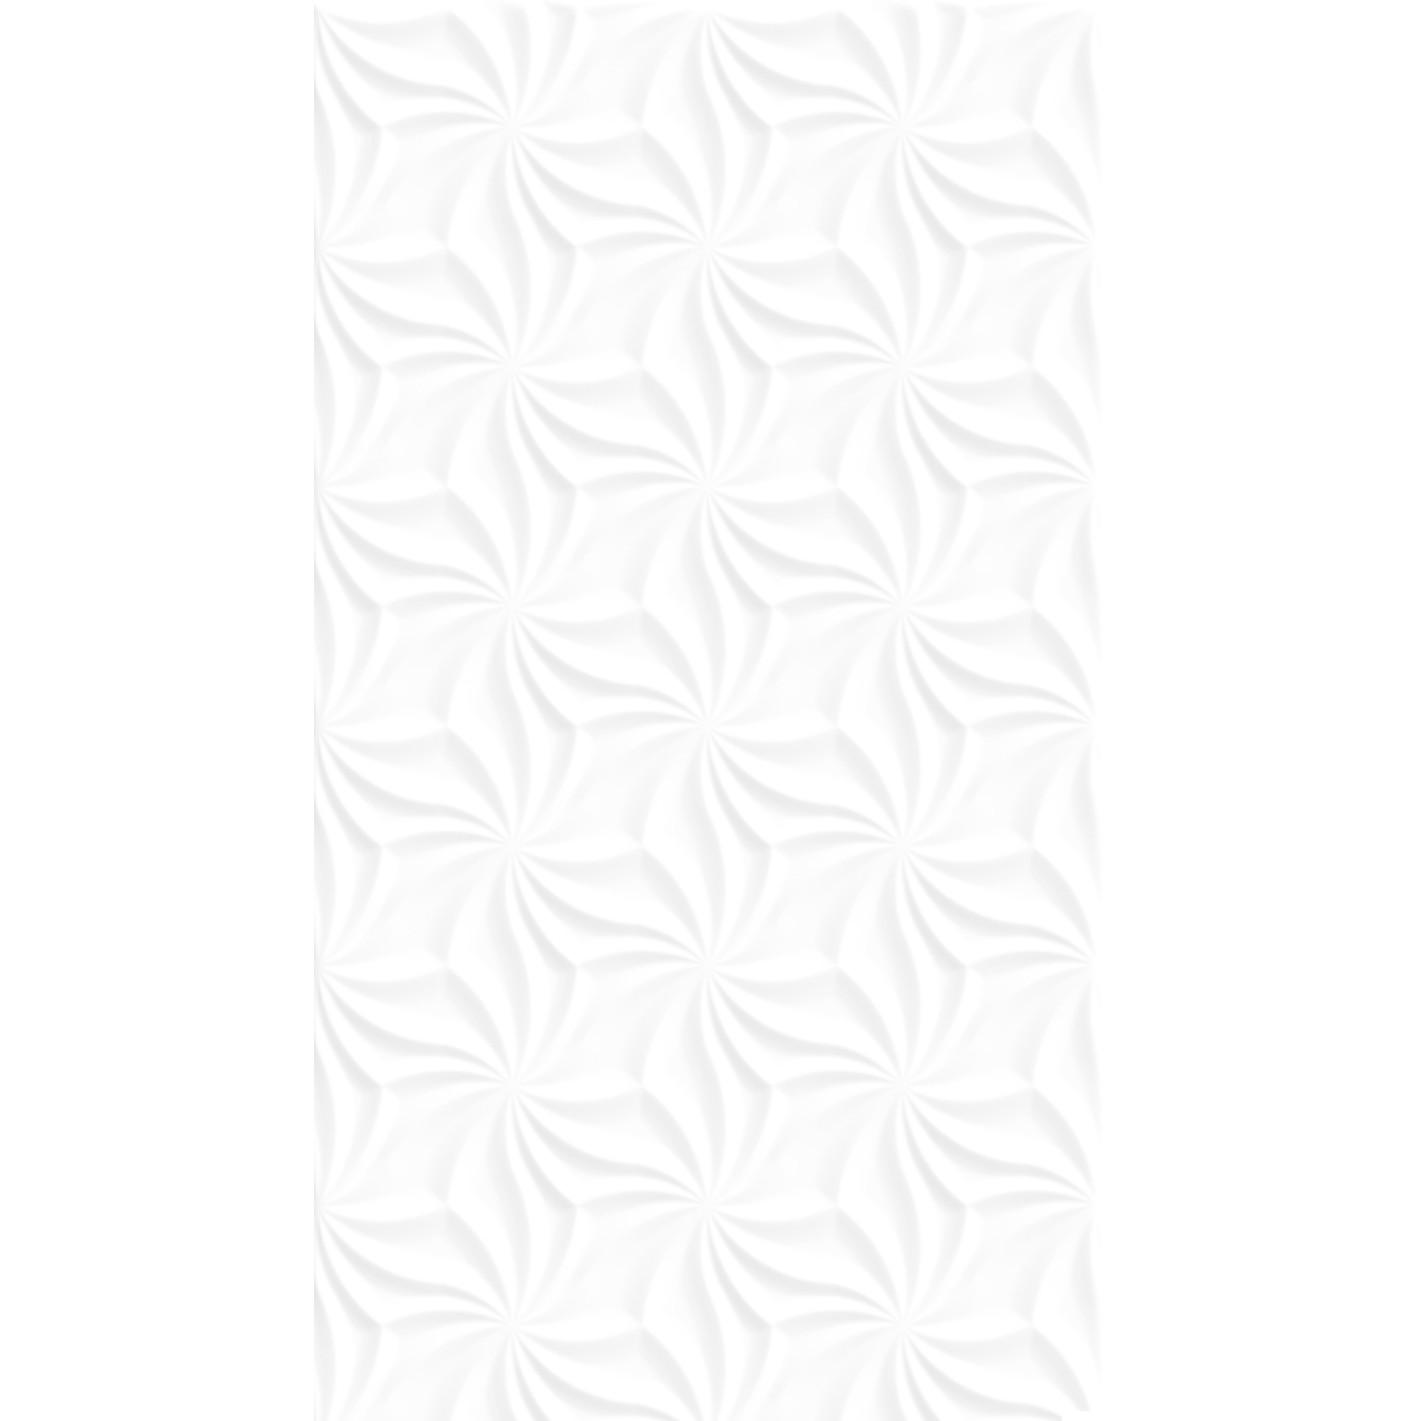 Revestimento Tipo A Retangular 33x60 cm Catavento White 203m - Embramaco